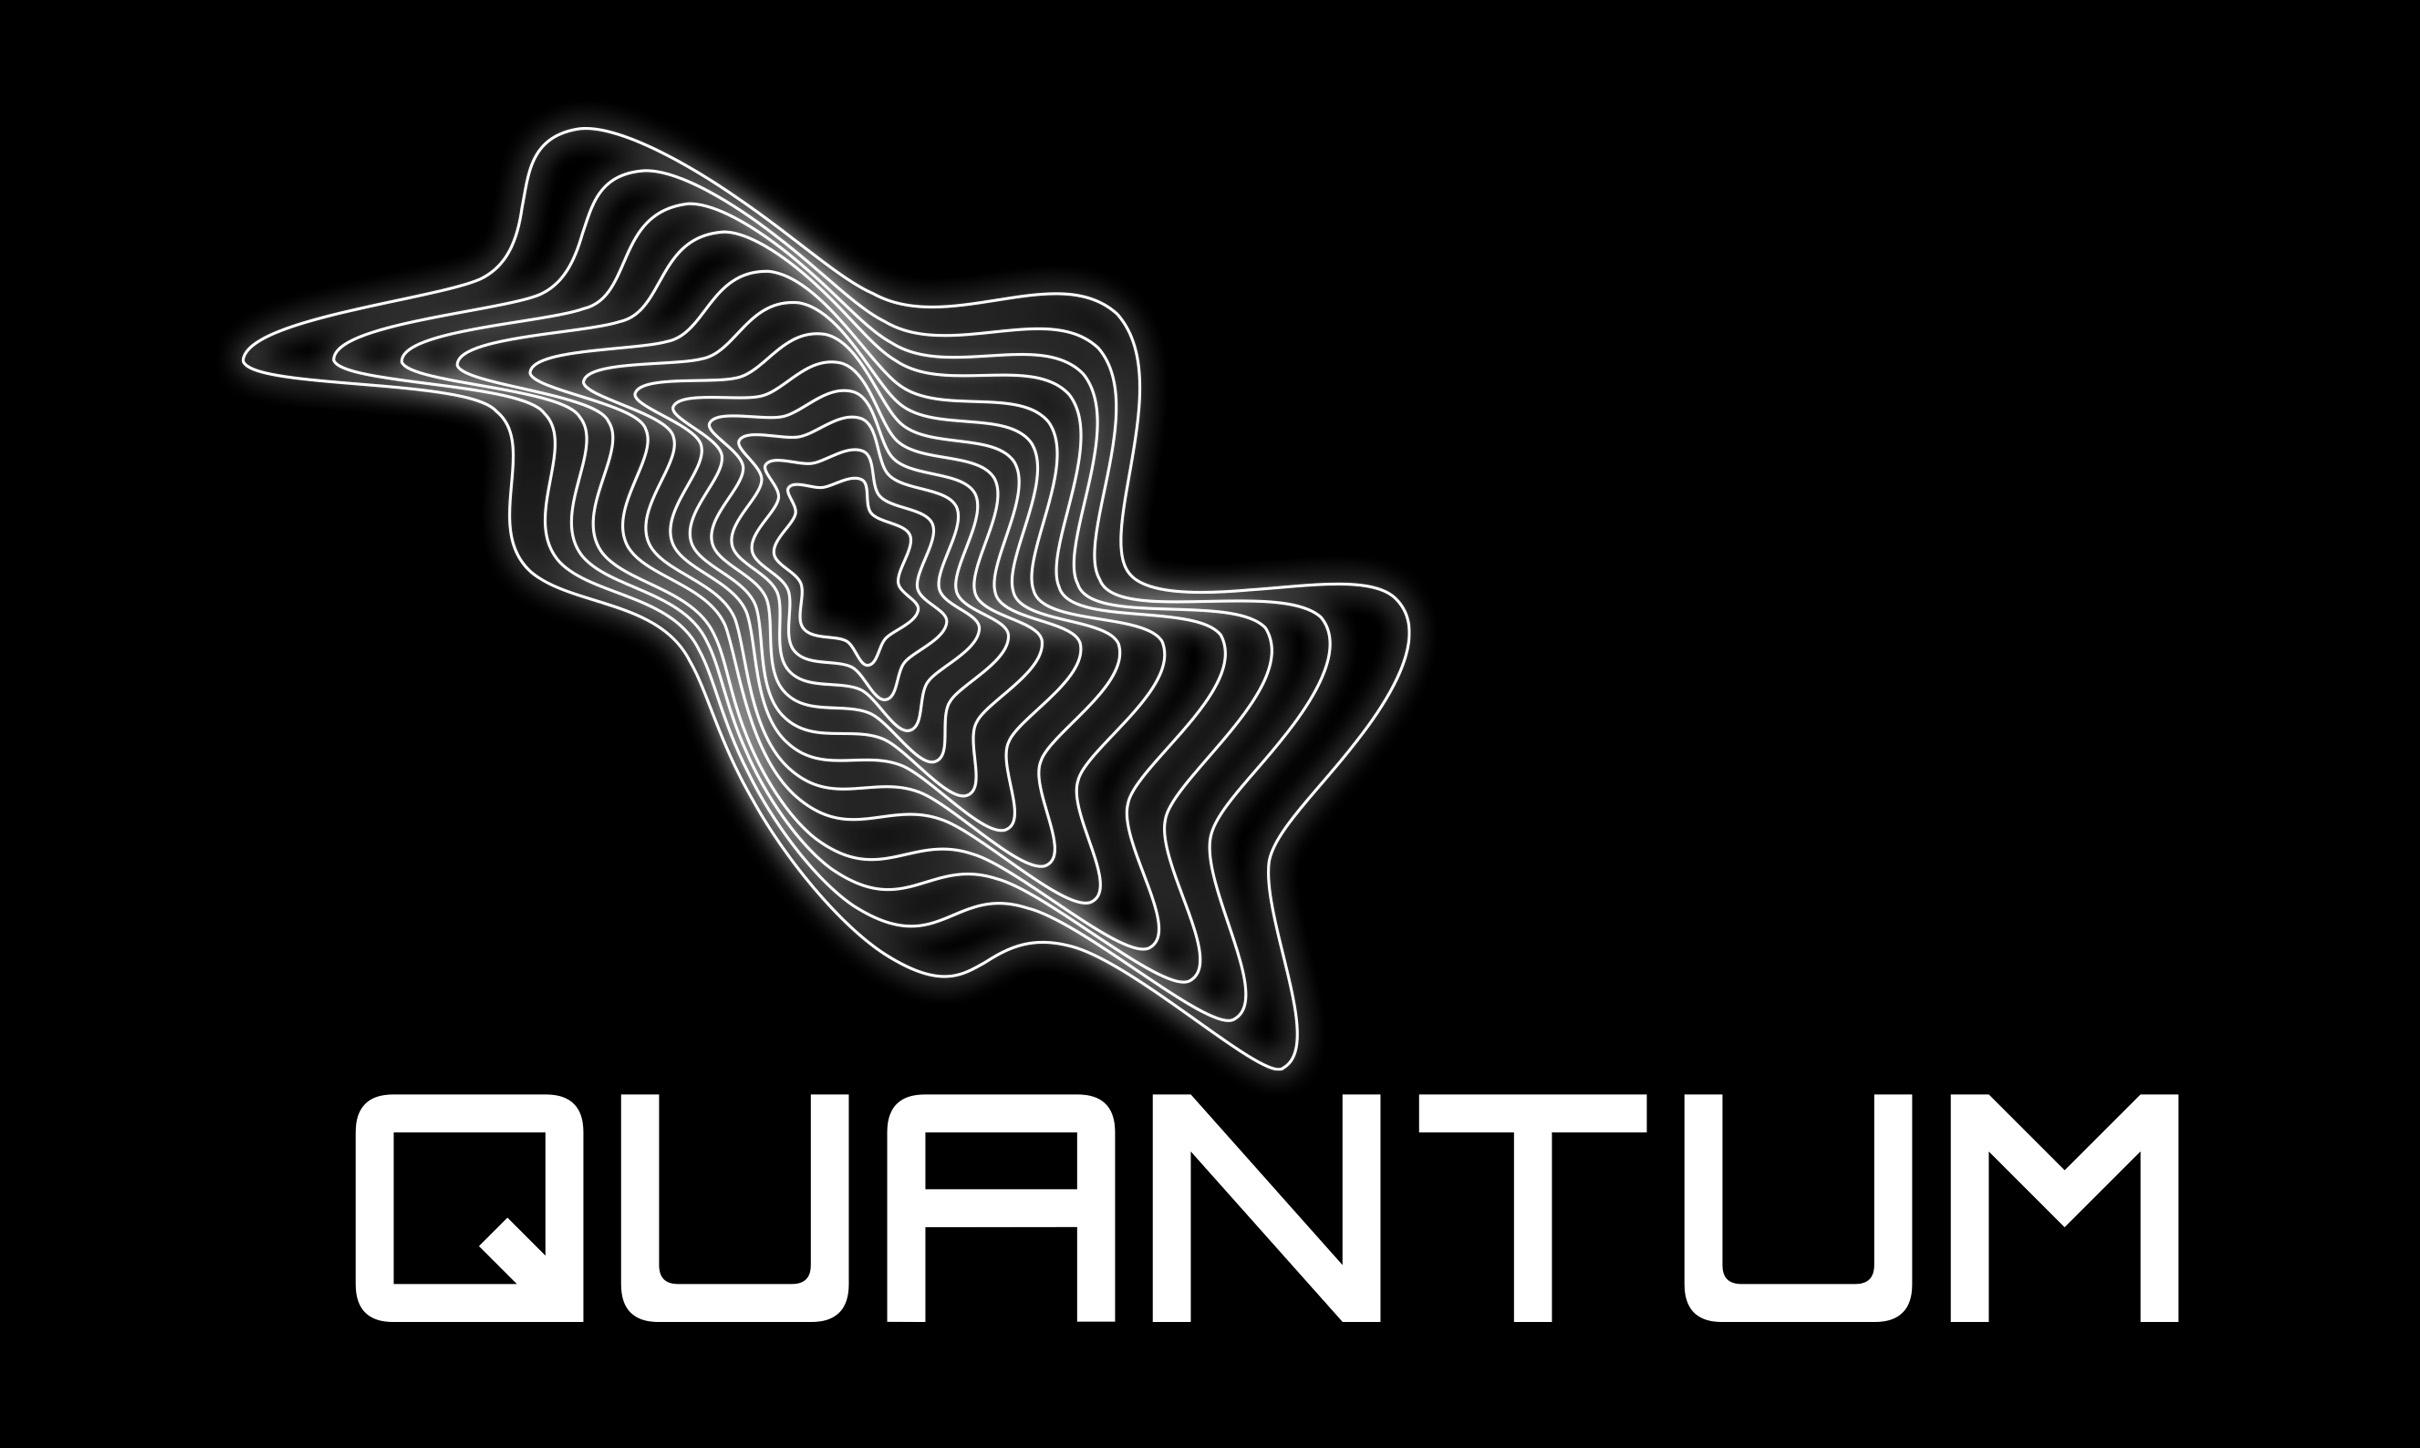 Редизайн логотипа бренда интеллектуальной игры фото f_6485bcb8973bae23.jpg